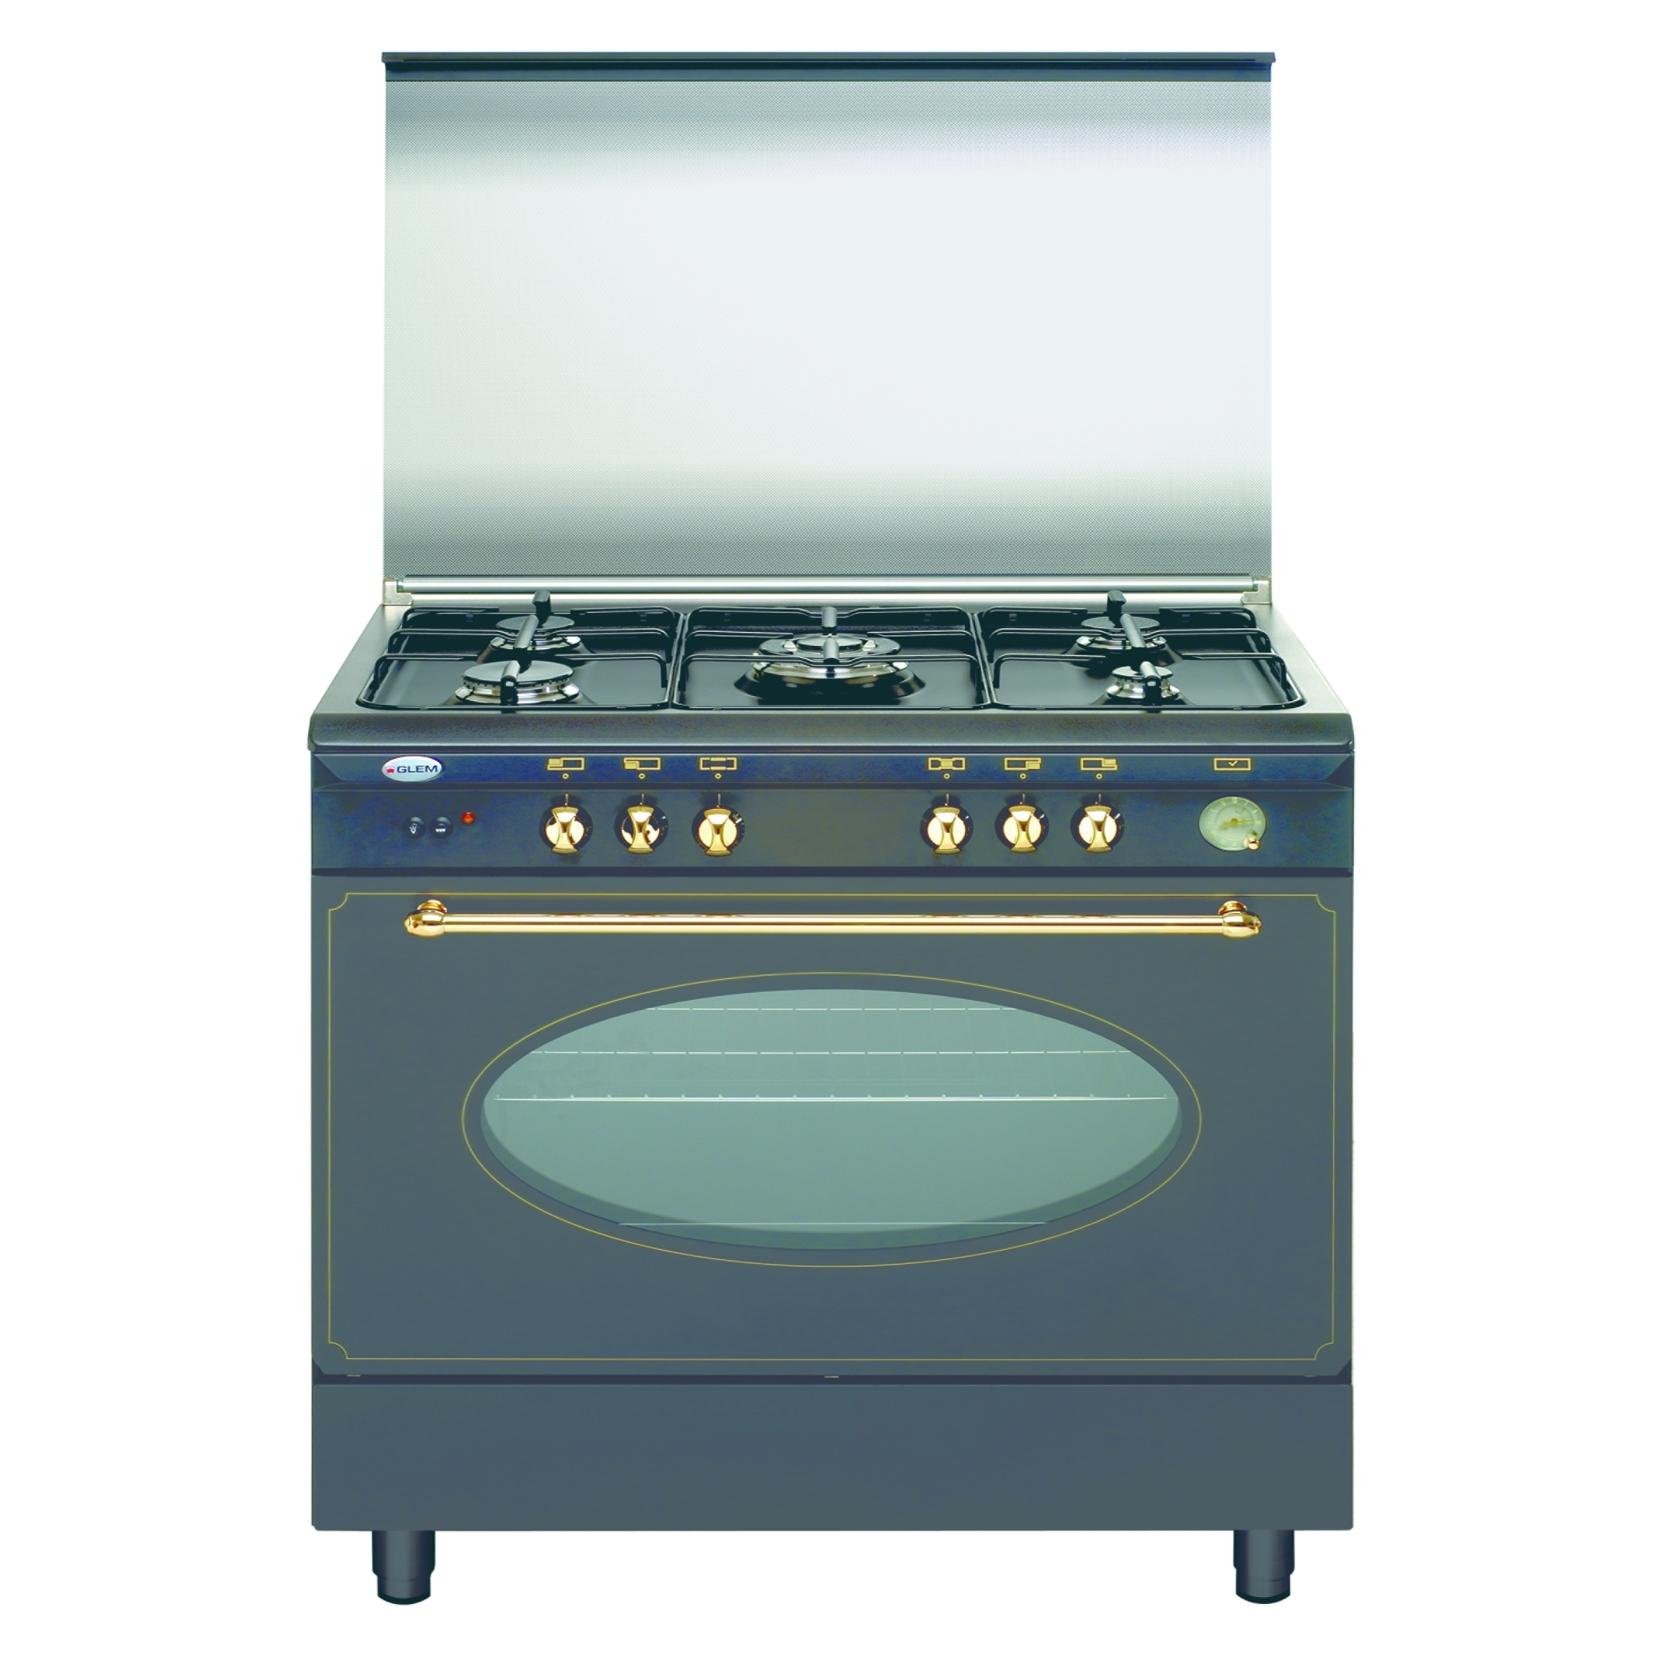 Glem gas unica ua96tr2 cucina a gas 5 fuochi 90x60 forno a gas nero garanzia italia elettrovillage - Cucina a gas 5 fuochi ...